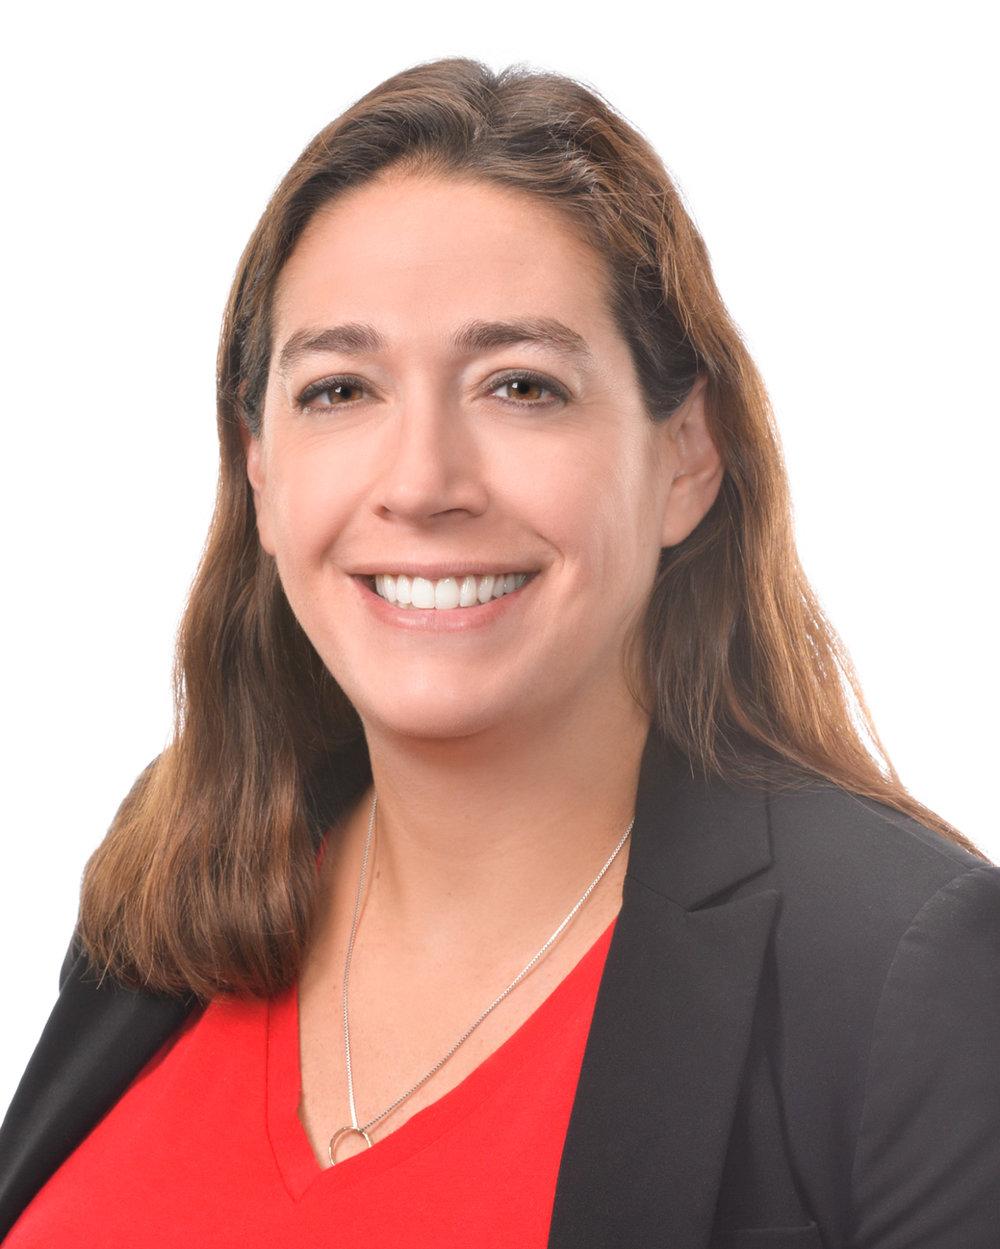 Tabitha L. Balzer - Director